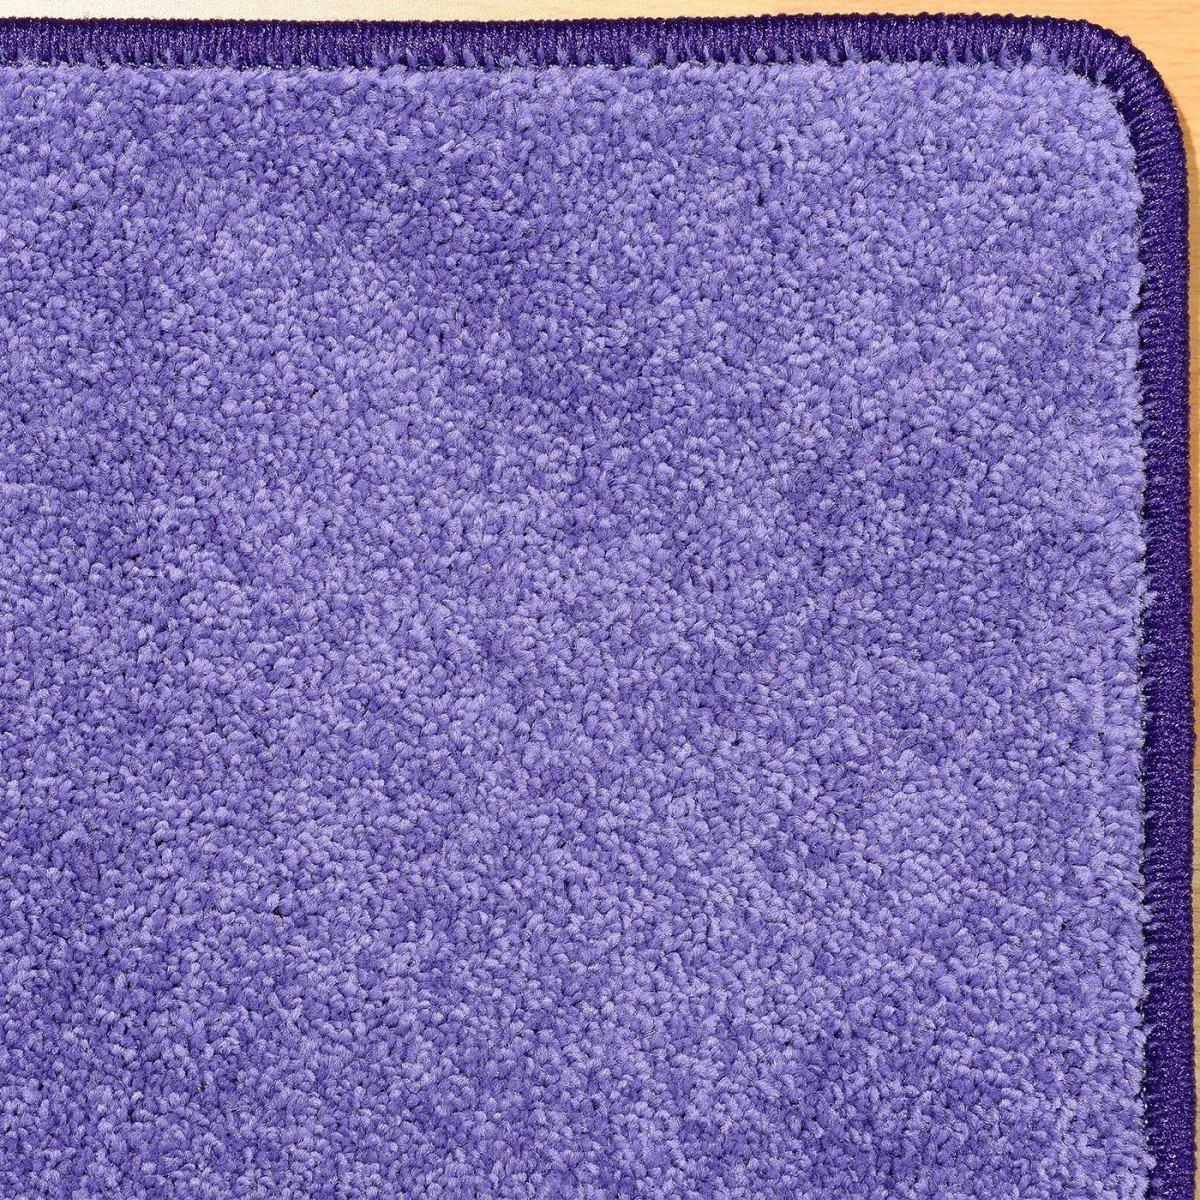 Havatex Velours Teppich Burbon - 16 moderne moderne moderne sowie klassische Farben   Top Preis-Leistung   Prüfsiegel  TÜV-geprüft & schadstoffgeprüft, Farbe Schoko-Braun, Größe 200 x 250 cm B00FQ14UT0 Teppiche 1b8e9d